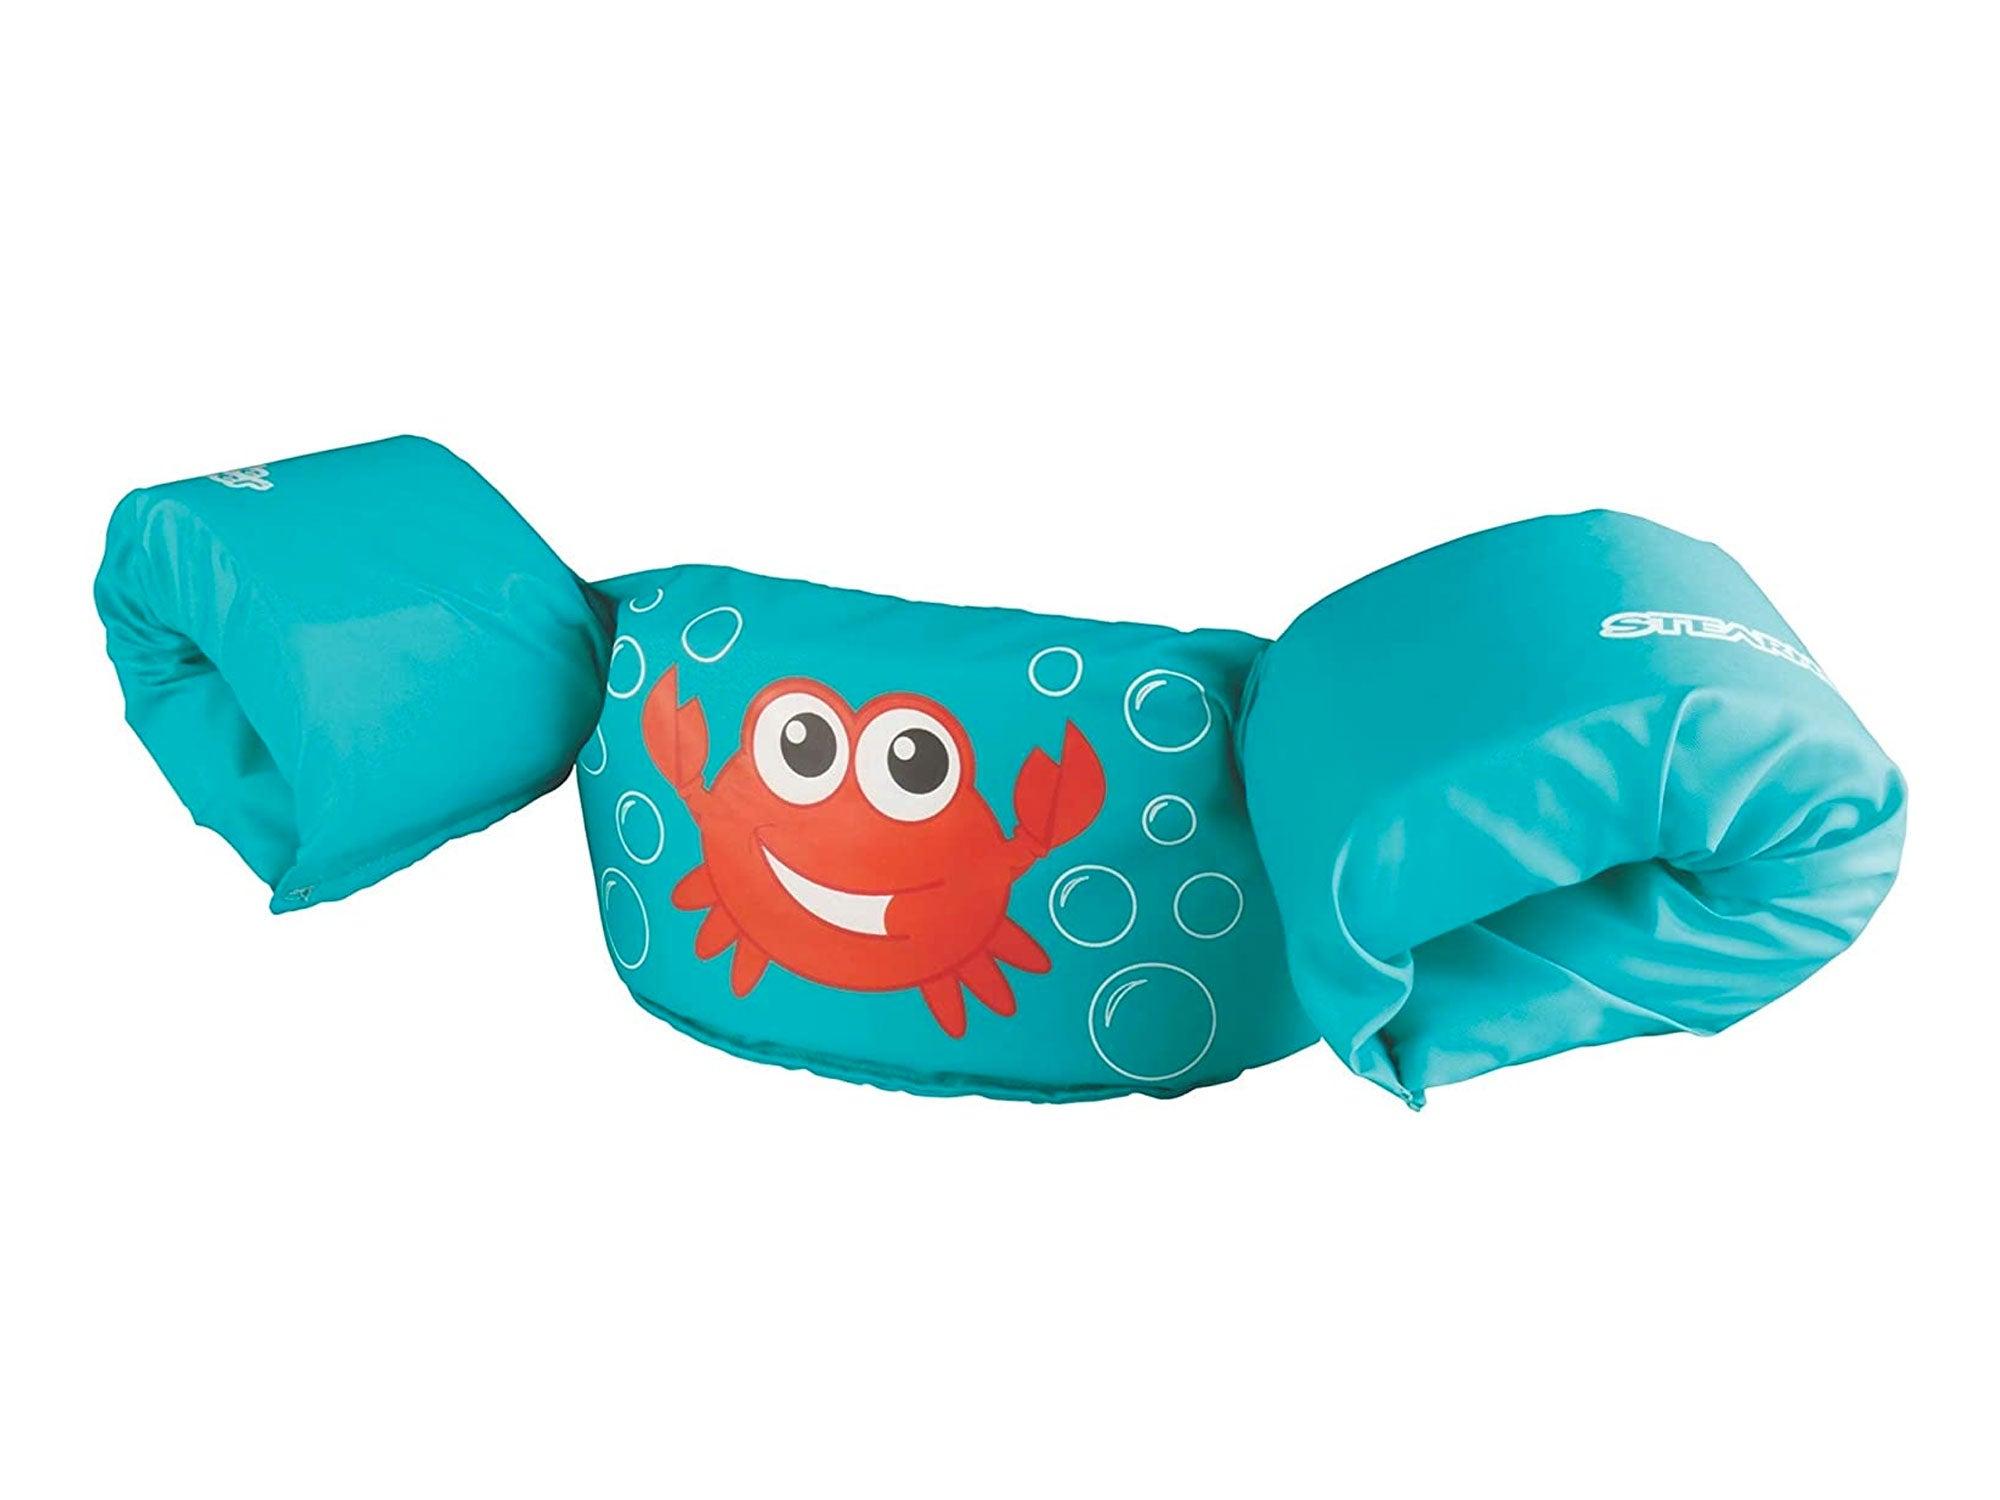 Stearns Original Puddle Jumper Kids Life Jacke, Life Vest for Children